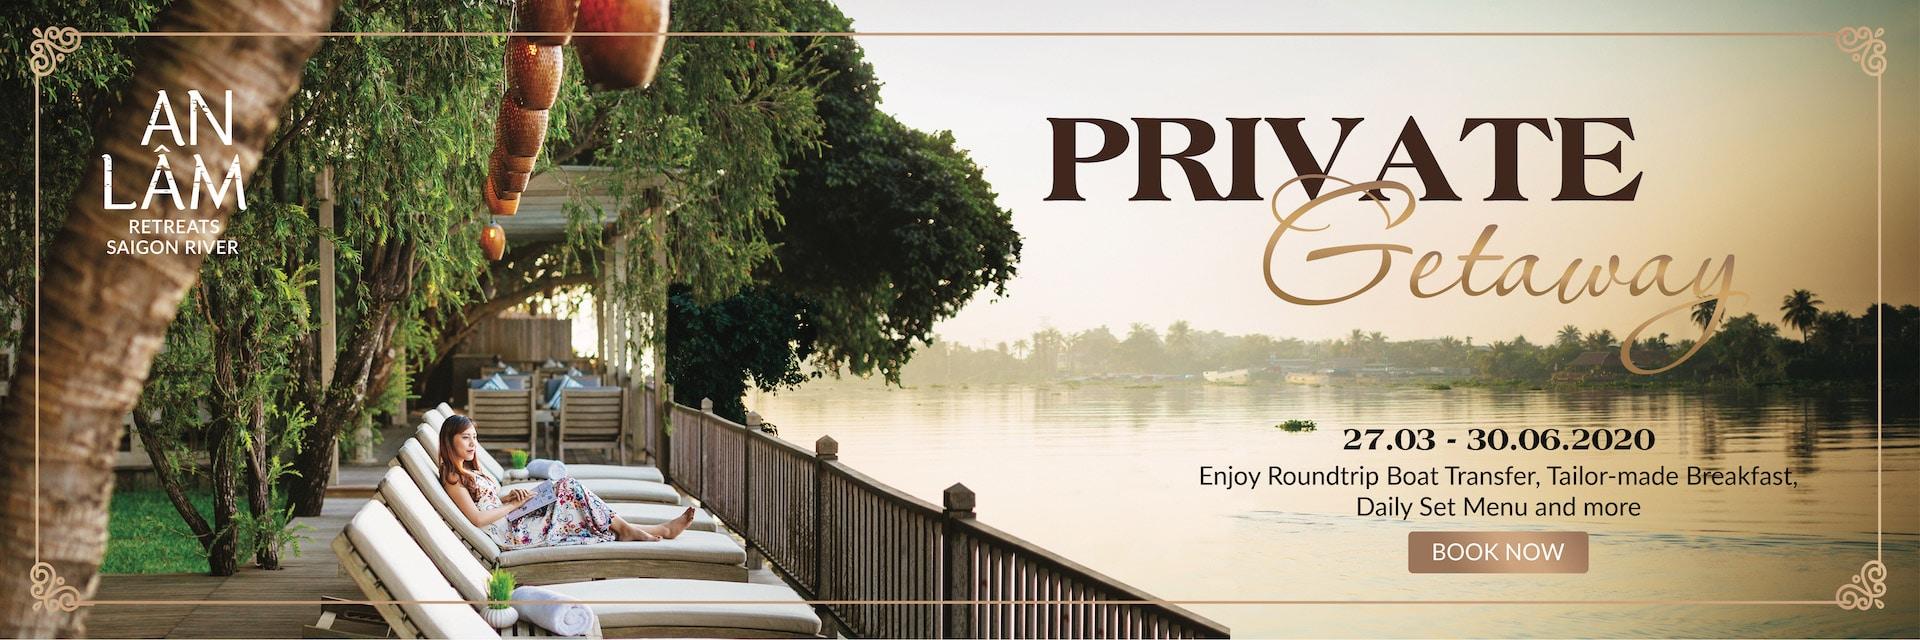 Private Getaway